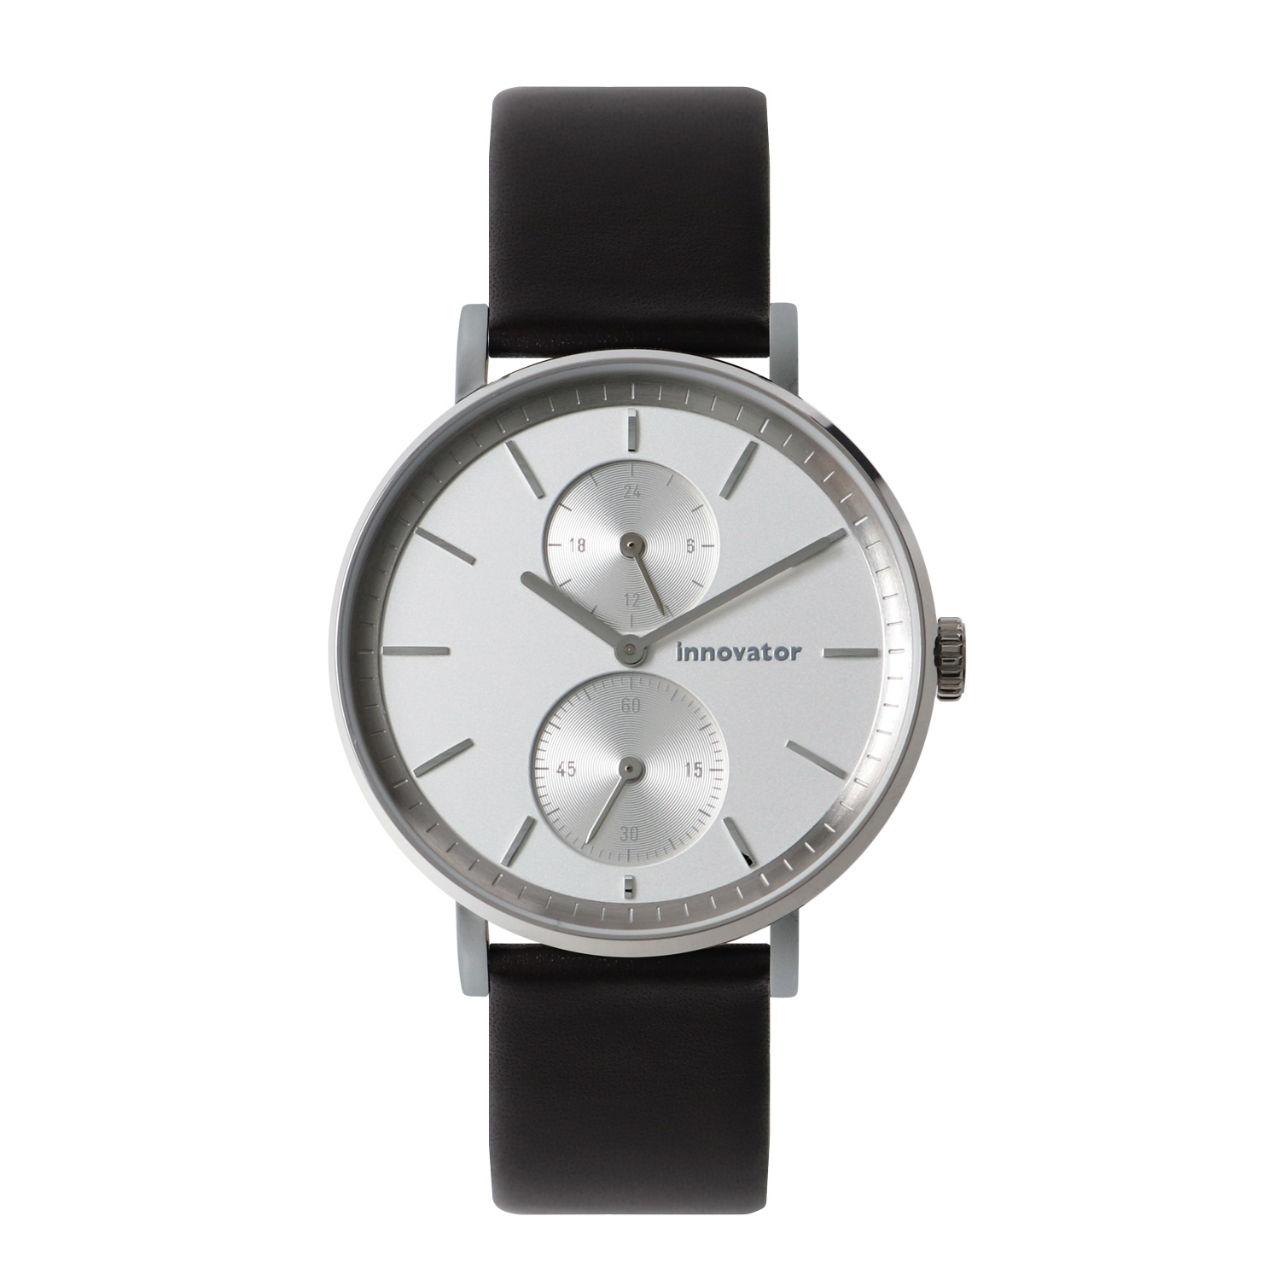 サムネイル:腕時計 オーリカ シルバー(innovator / イノベーター)